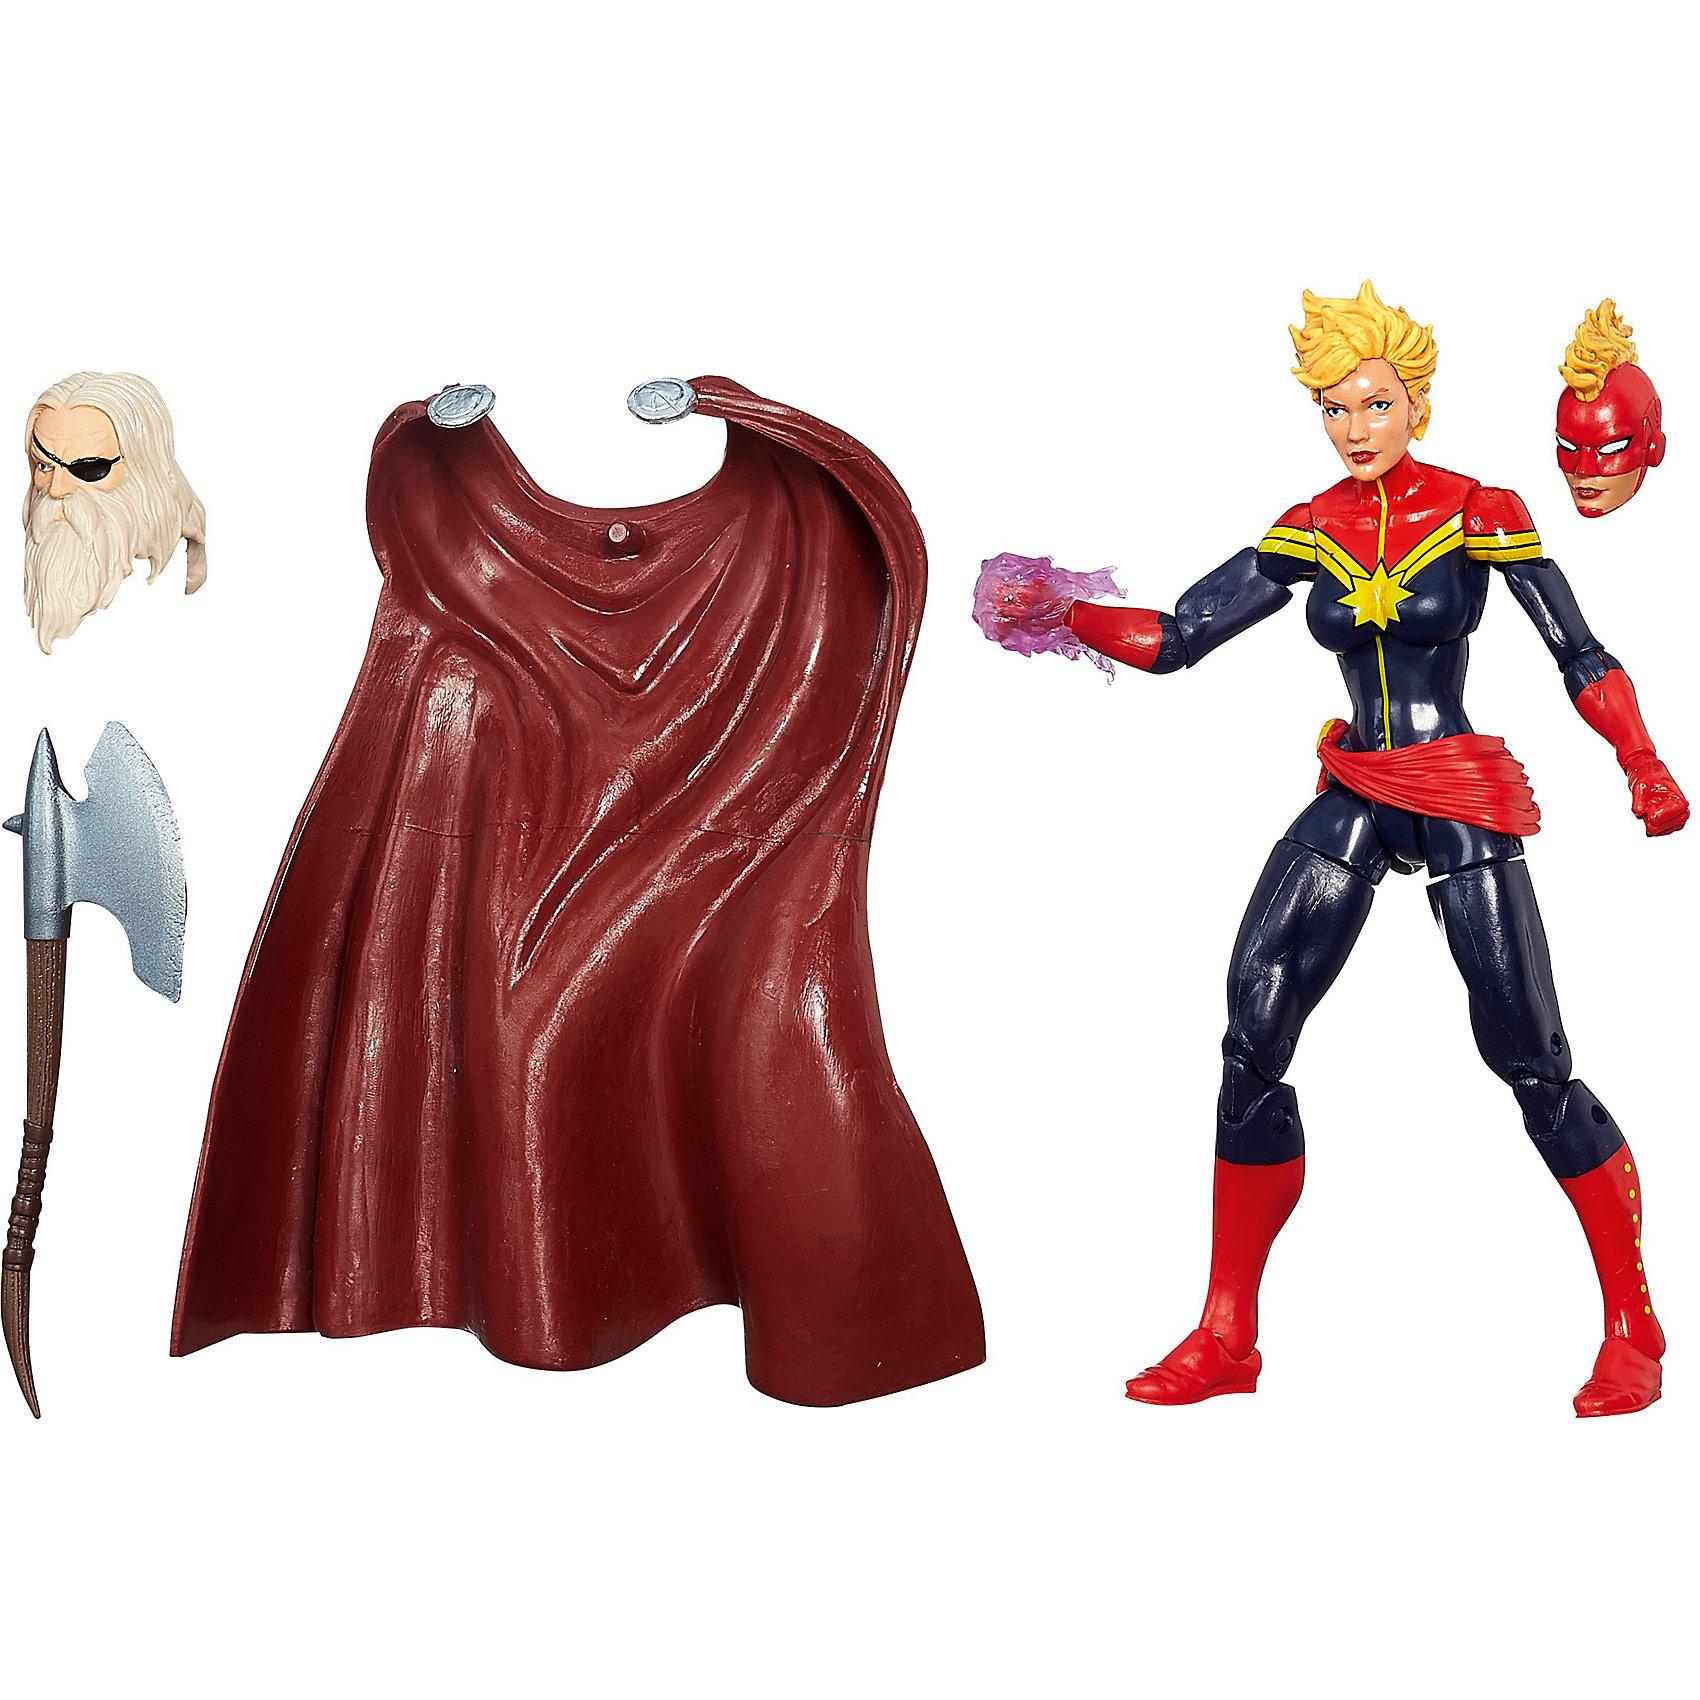 Коллекционная фигурка Марвел Эра Альтрона - Капитан Марвел, 15 см, Marvel HeroesИгрушки<br>Любой мальчишка будет рад такой коллекционной фигурке. В этом выпуске фигурок под именем Капитан Марвел скрывается супергероиня Кэрол Дэнверс, ранее известная как мисс Марвел. Эта героиня встречается во многих комиксах, она взаимодействовала с Человеком-пауком, людьми Х, была членом команды Мстителей, а позже присоединилась к Стражам Галактики. В каждой коробке  одна из частей уникальной фигурки - собери все части и устрой настоящую битву!<br><br>Дополнительная информация:<br><br>- Материал: пластик.<br>- Размер: 15 см.<br>- Голова, ноги и руки фигурки подвижные.<br>- Комплектация: фигурка, часть фигурки Одина.<br><br>Коллекционную фигурку Марвел Эра Альтрона - Капитан Марвел, 15 см, Marvel Heroes, можно купить в нашем магазине.<br><br>Ширина мм: 64<br>Глубина мм: 152<br>Высота мм: 267<br>Вес г: 220<br>Возраст от месяцев: 48<br>Возраст до месяцев: 144<br>Пол: Мужской<br>Возраст: Детский<br>SKU: 4175023